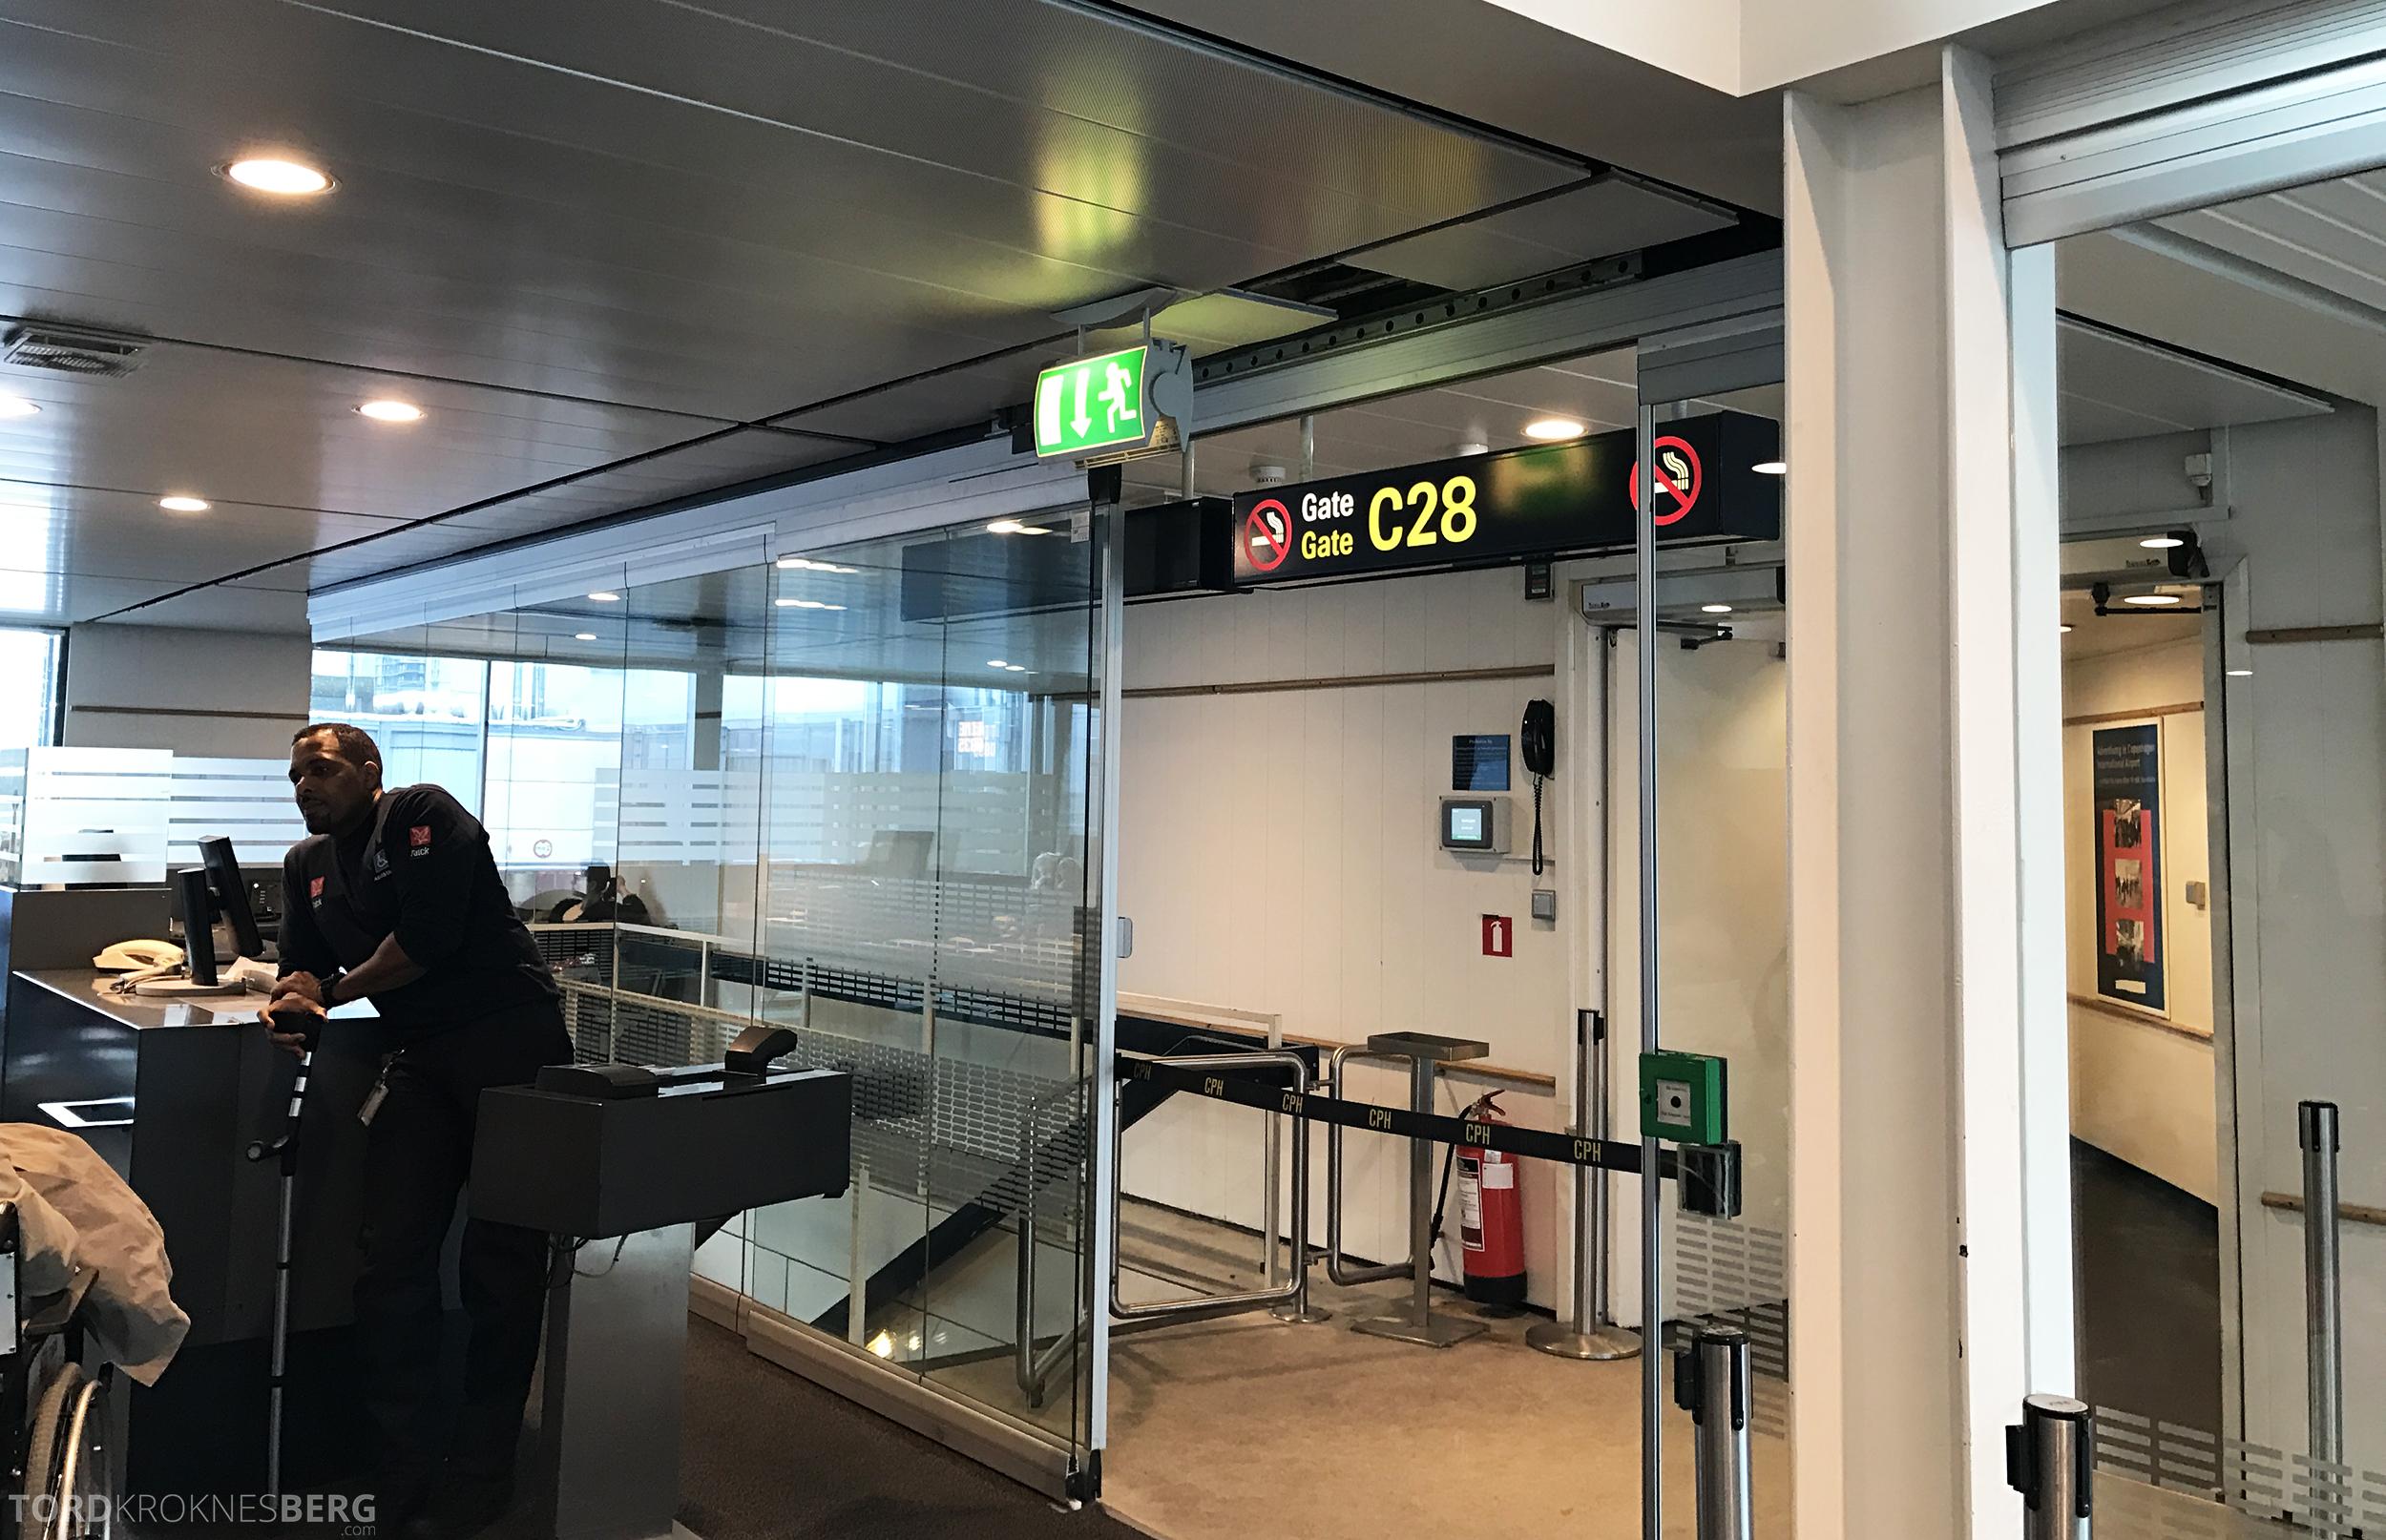 SAS Business Oslo til Miami gate